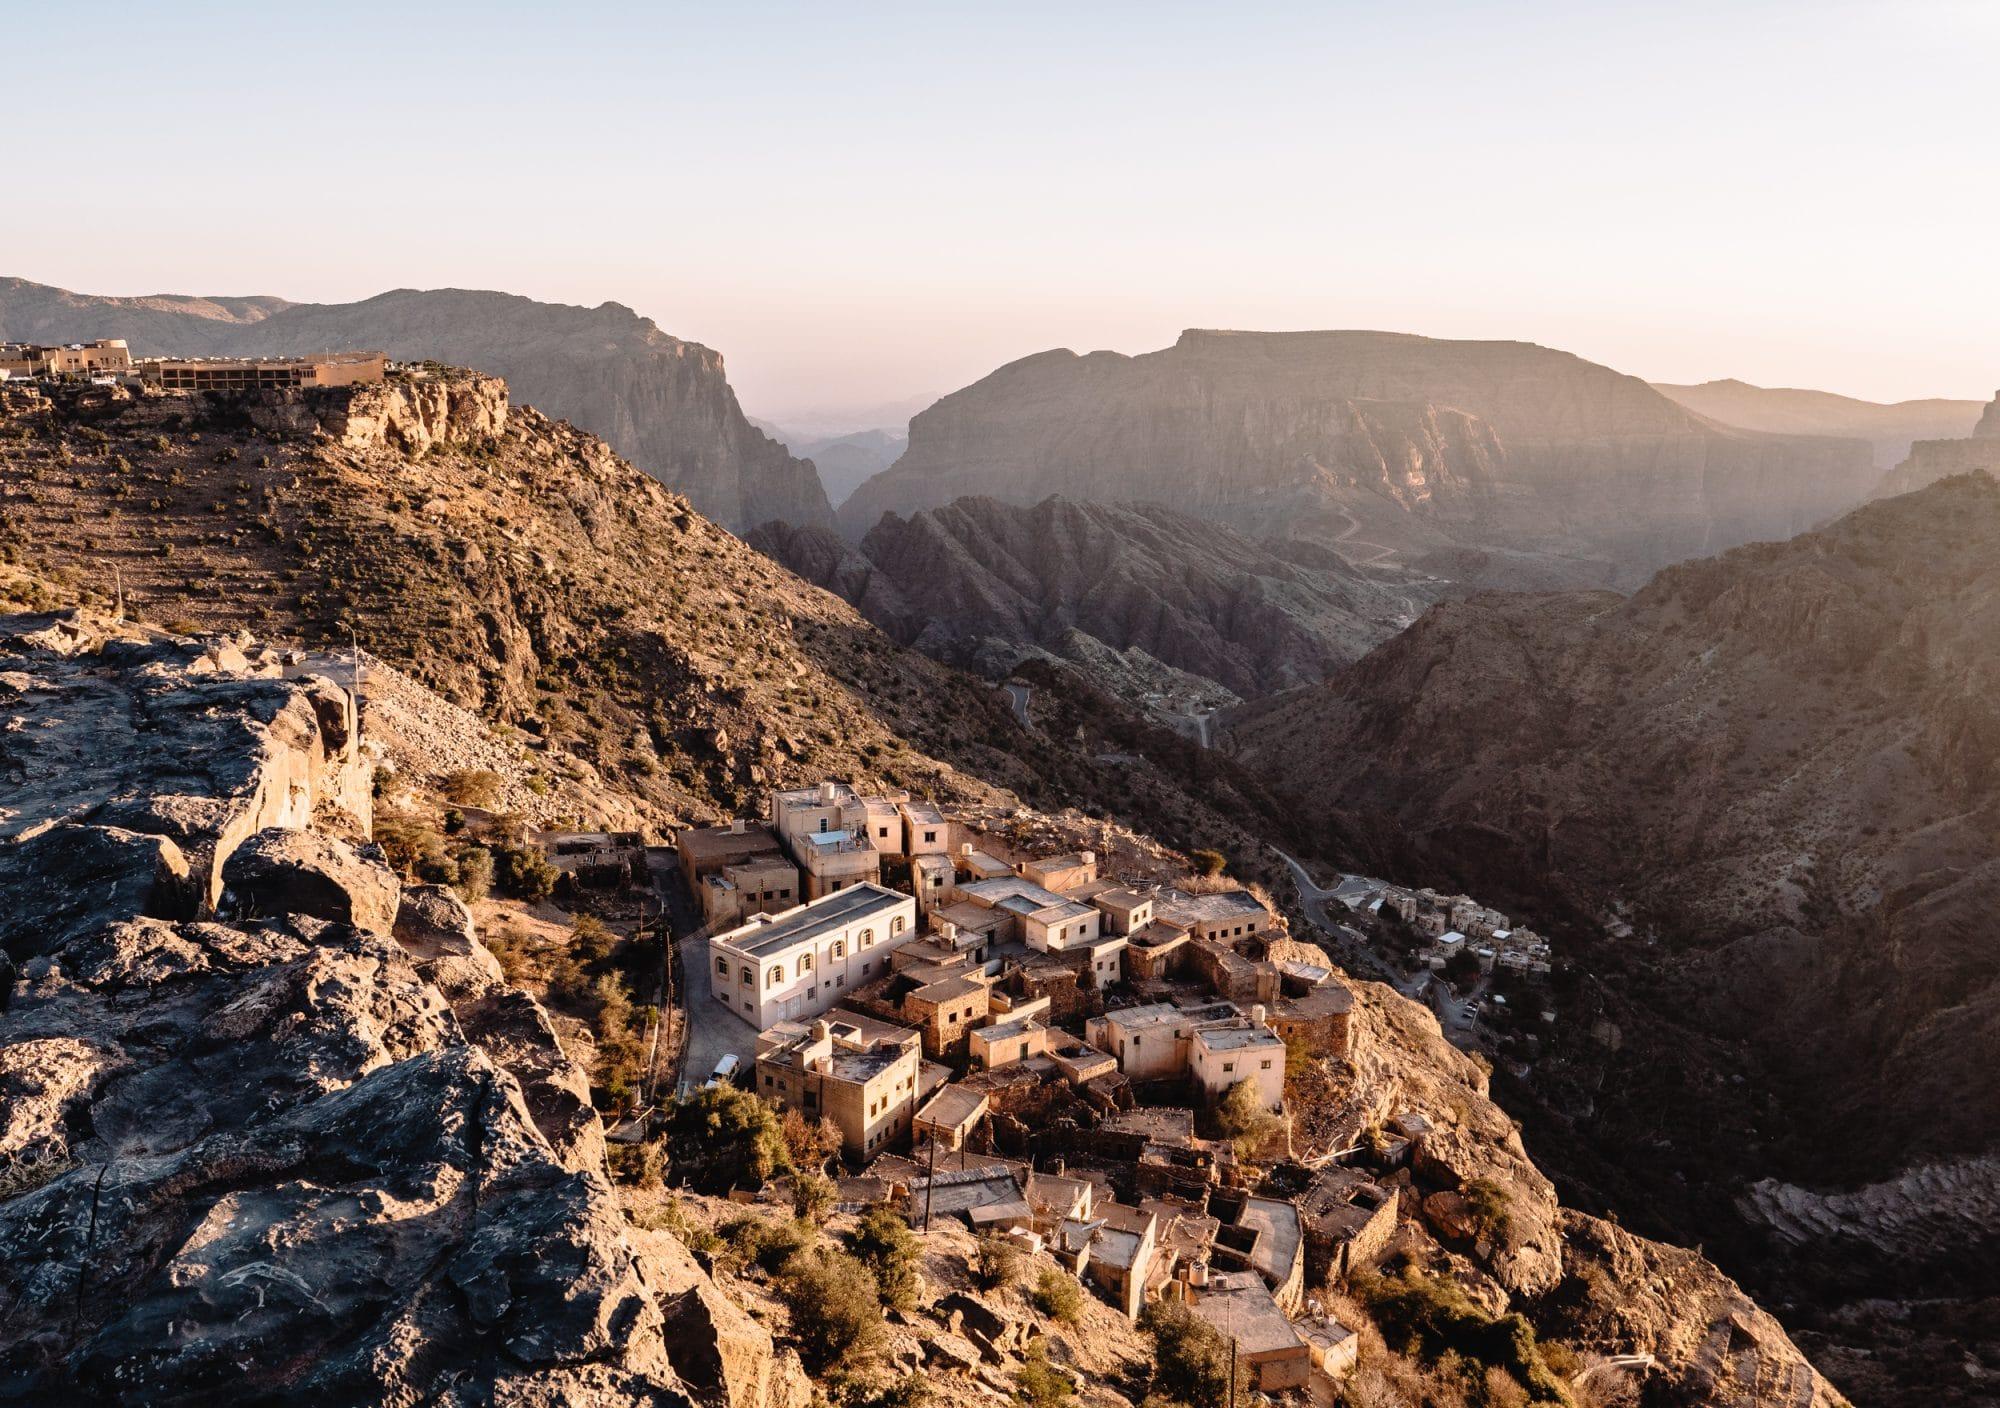 Image Préparer son voyage à Oman. Comment s'y prendre ? Tout savoir avant de partir